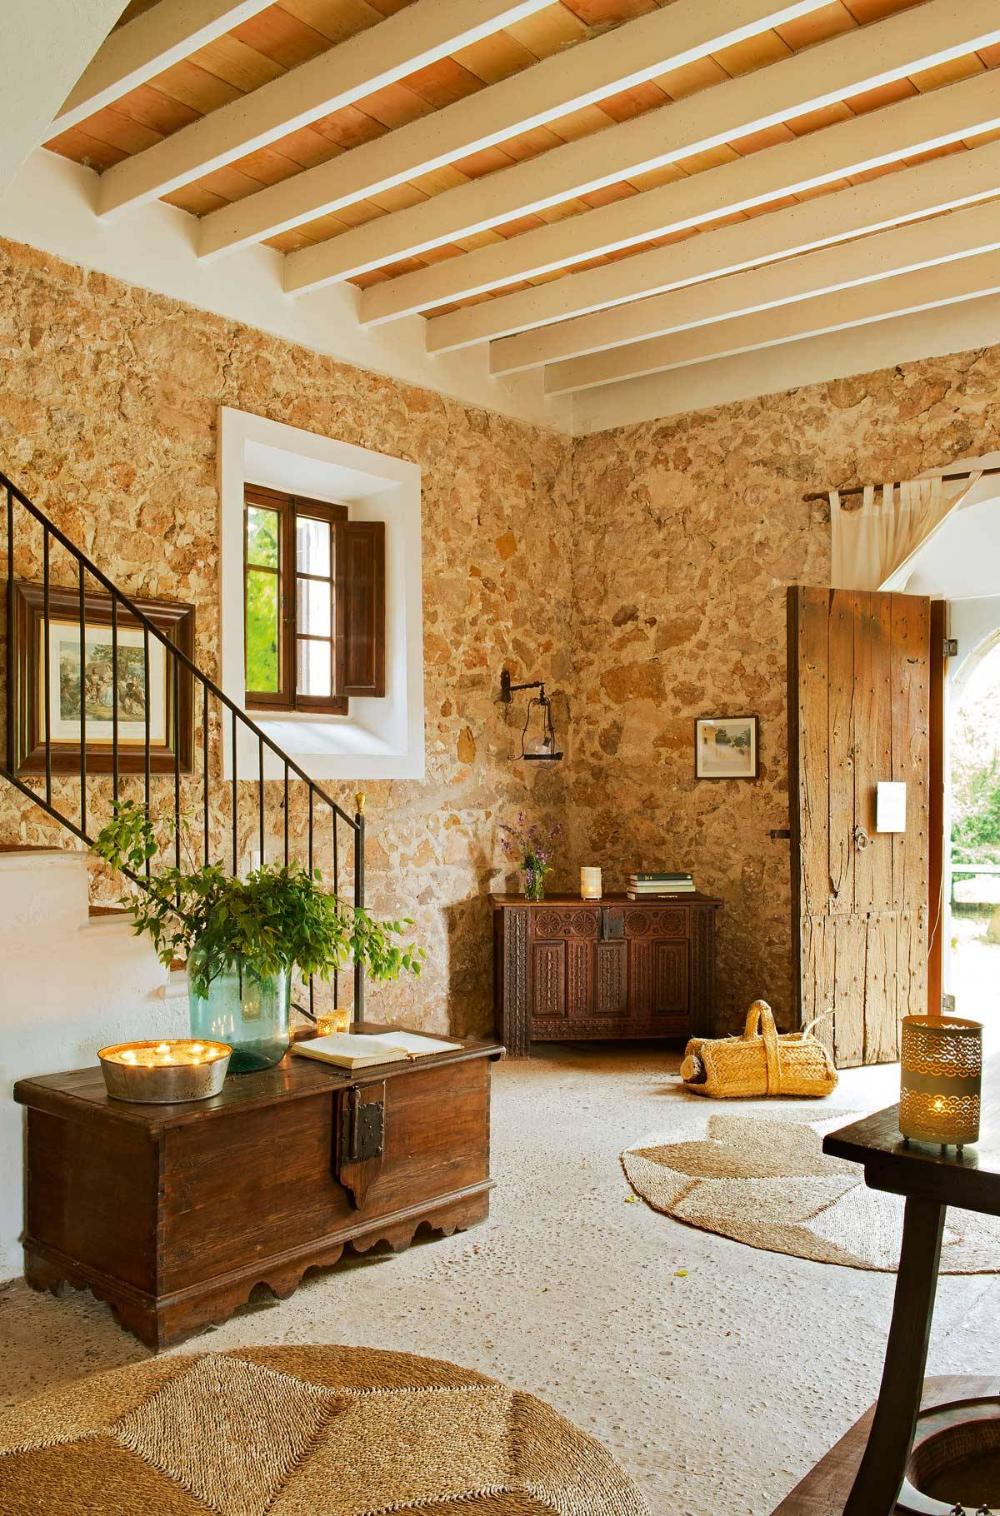 7 Un Baul Antiguo Casas De Campo Interiores Casas Rusticas De Ladrillo Recibidores Rusticos